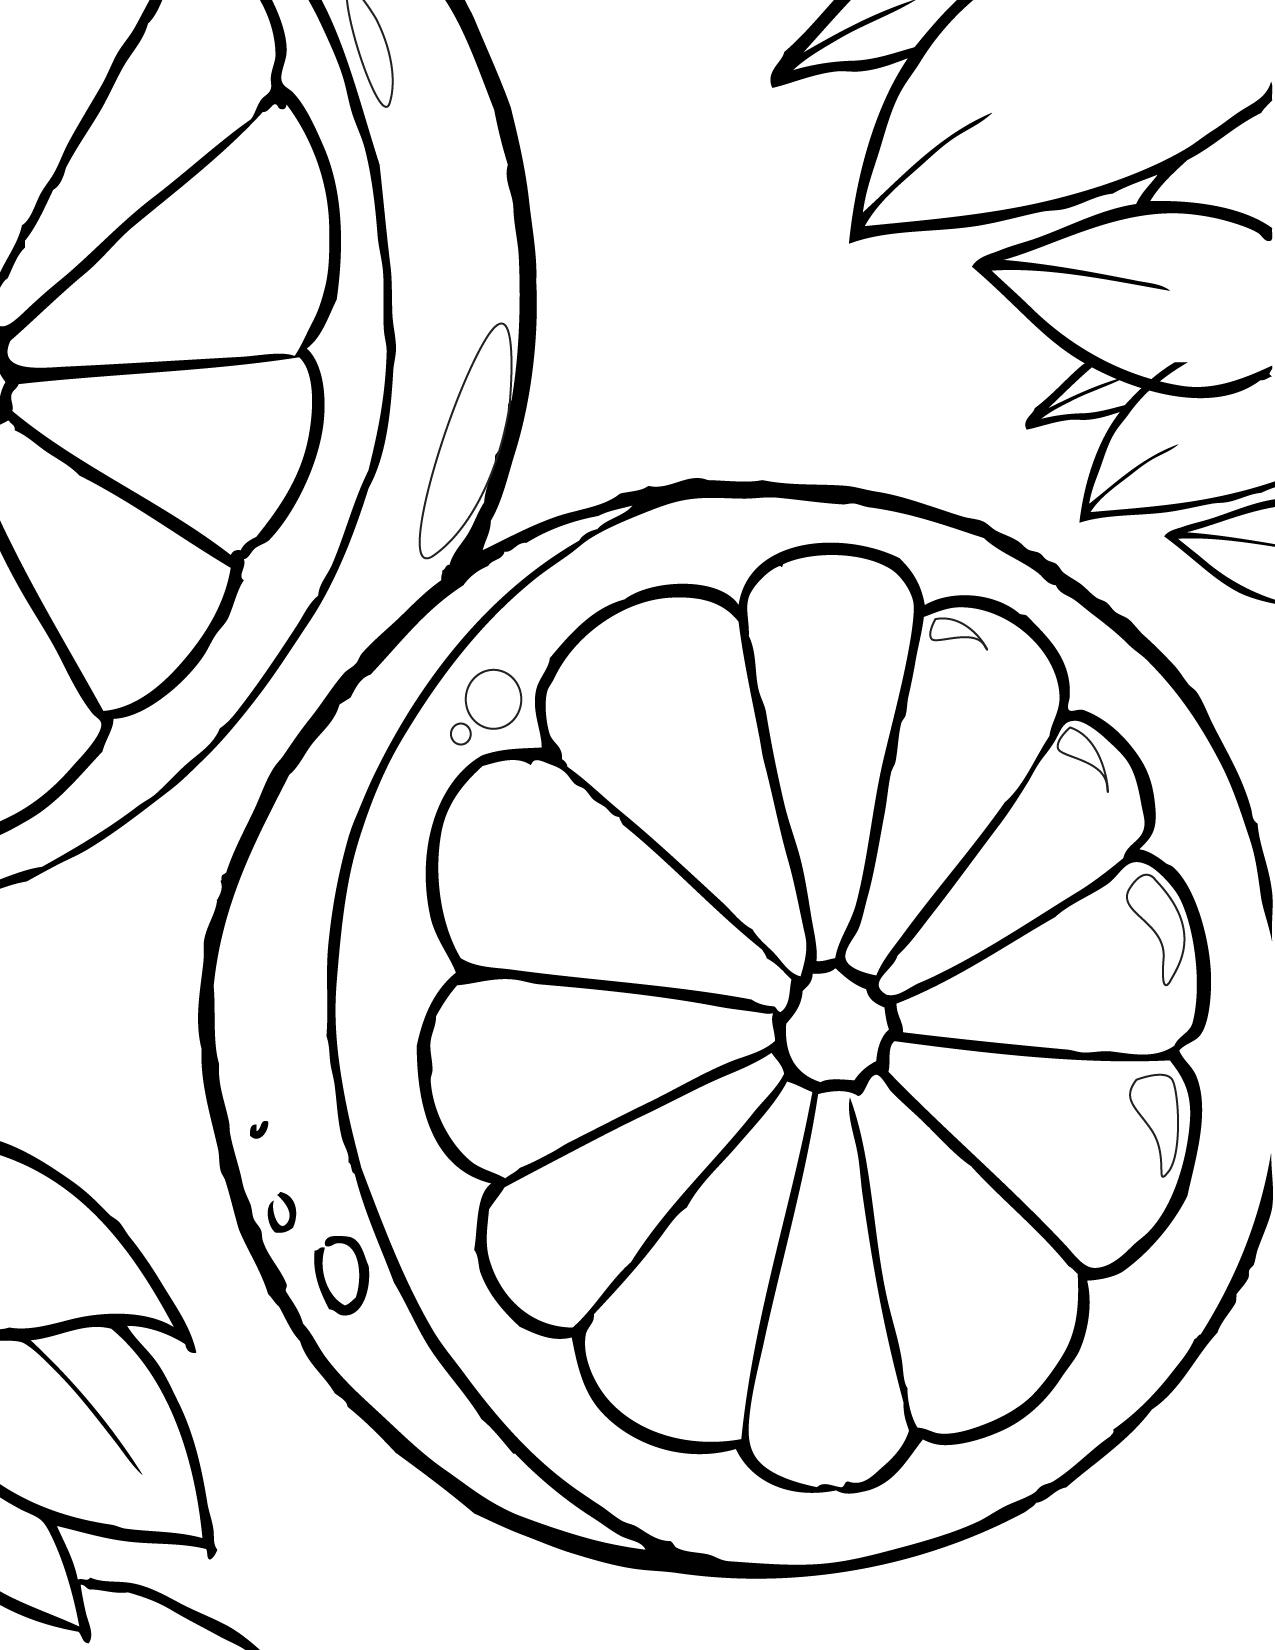 Dibujos de naranjas para imprimir y pintar colorear im genes - Dibujos para pintar en tejas ...